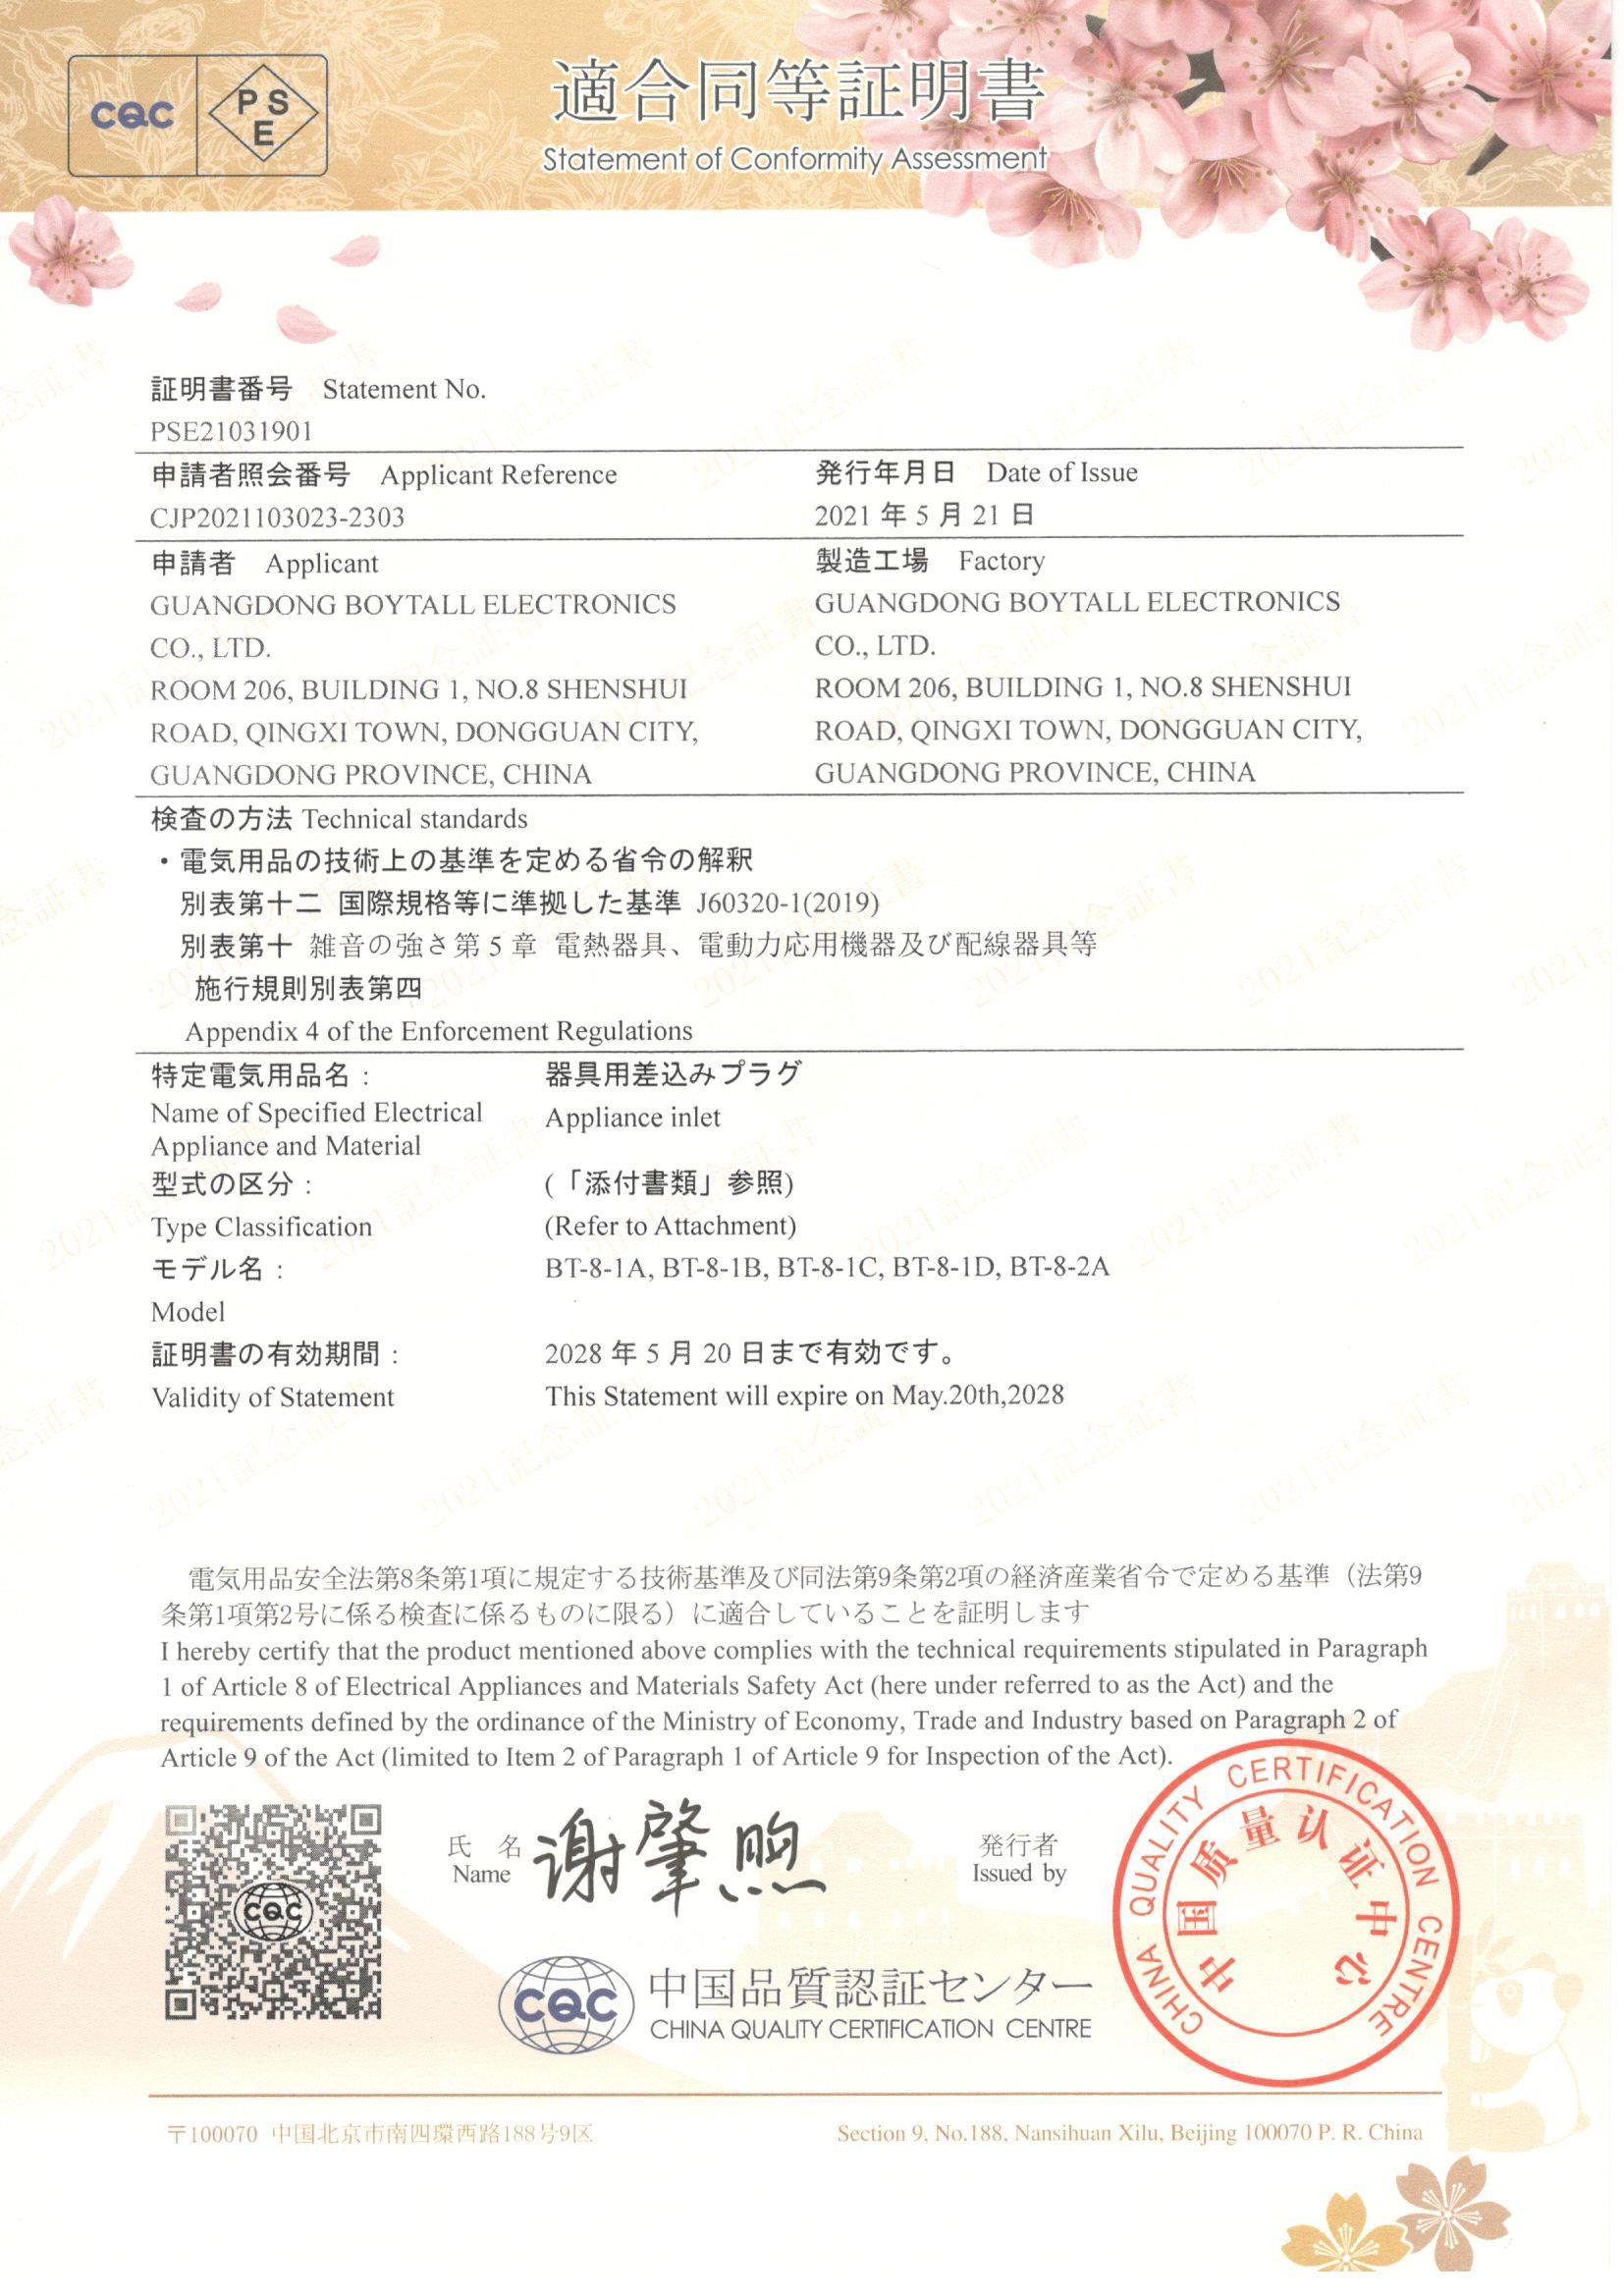 BT-8系列 CQC-PSE证书